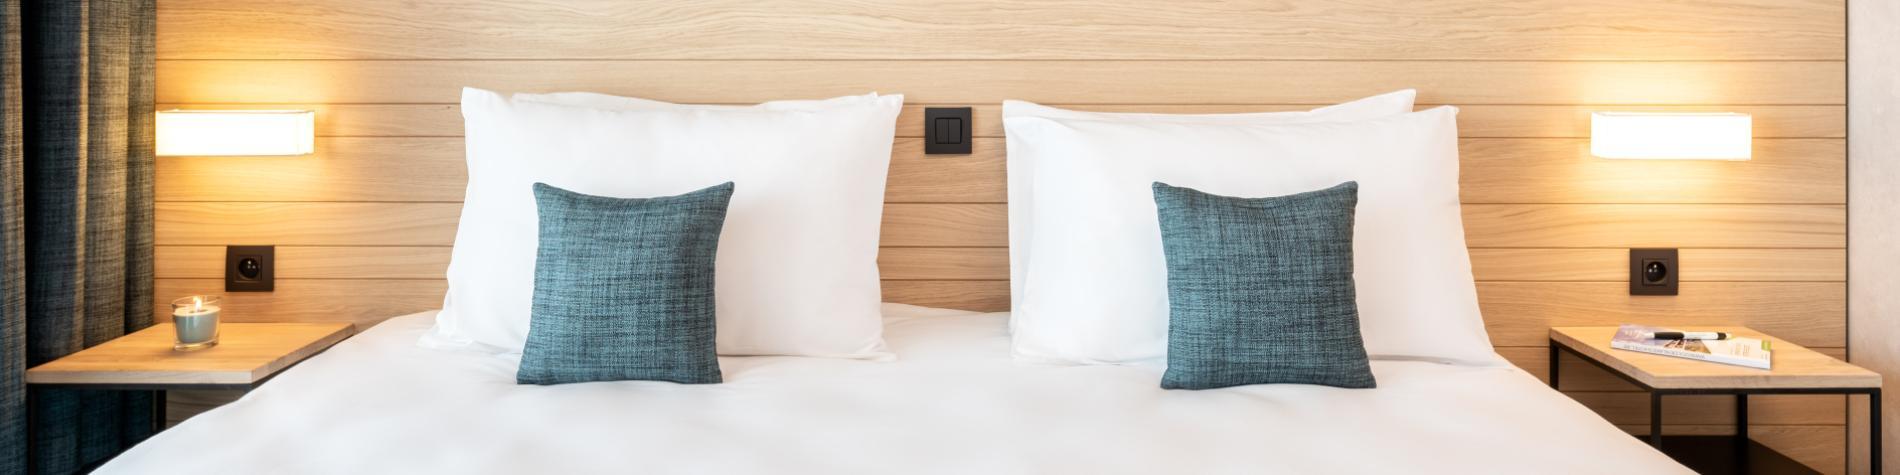 Hôtel - Best Western Plus Golden Lakes - Froidchapelle